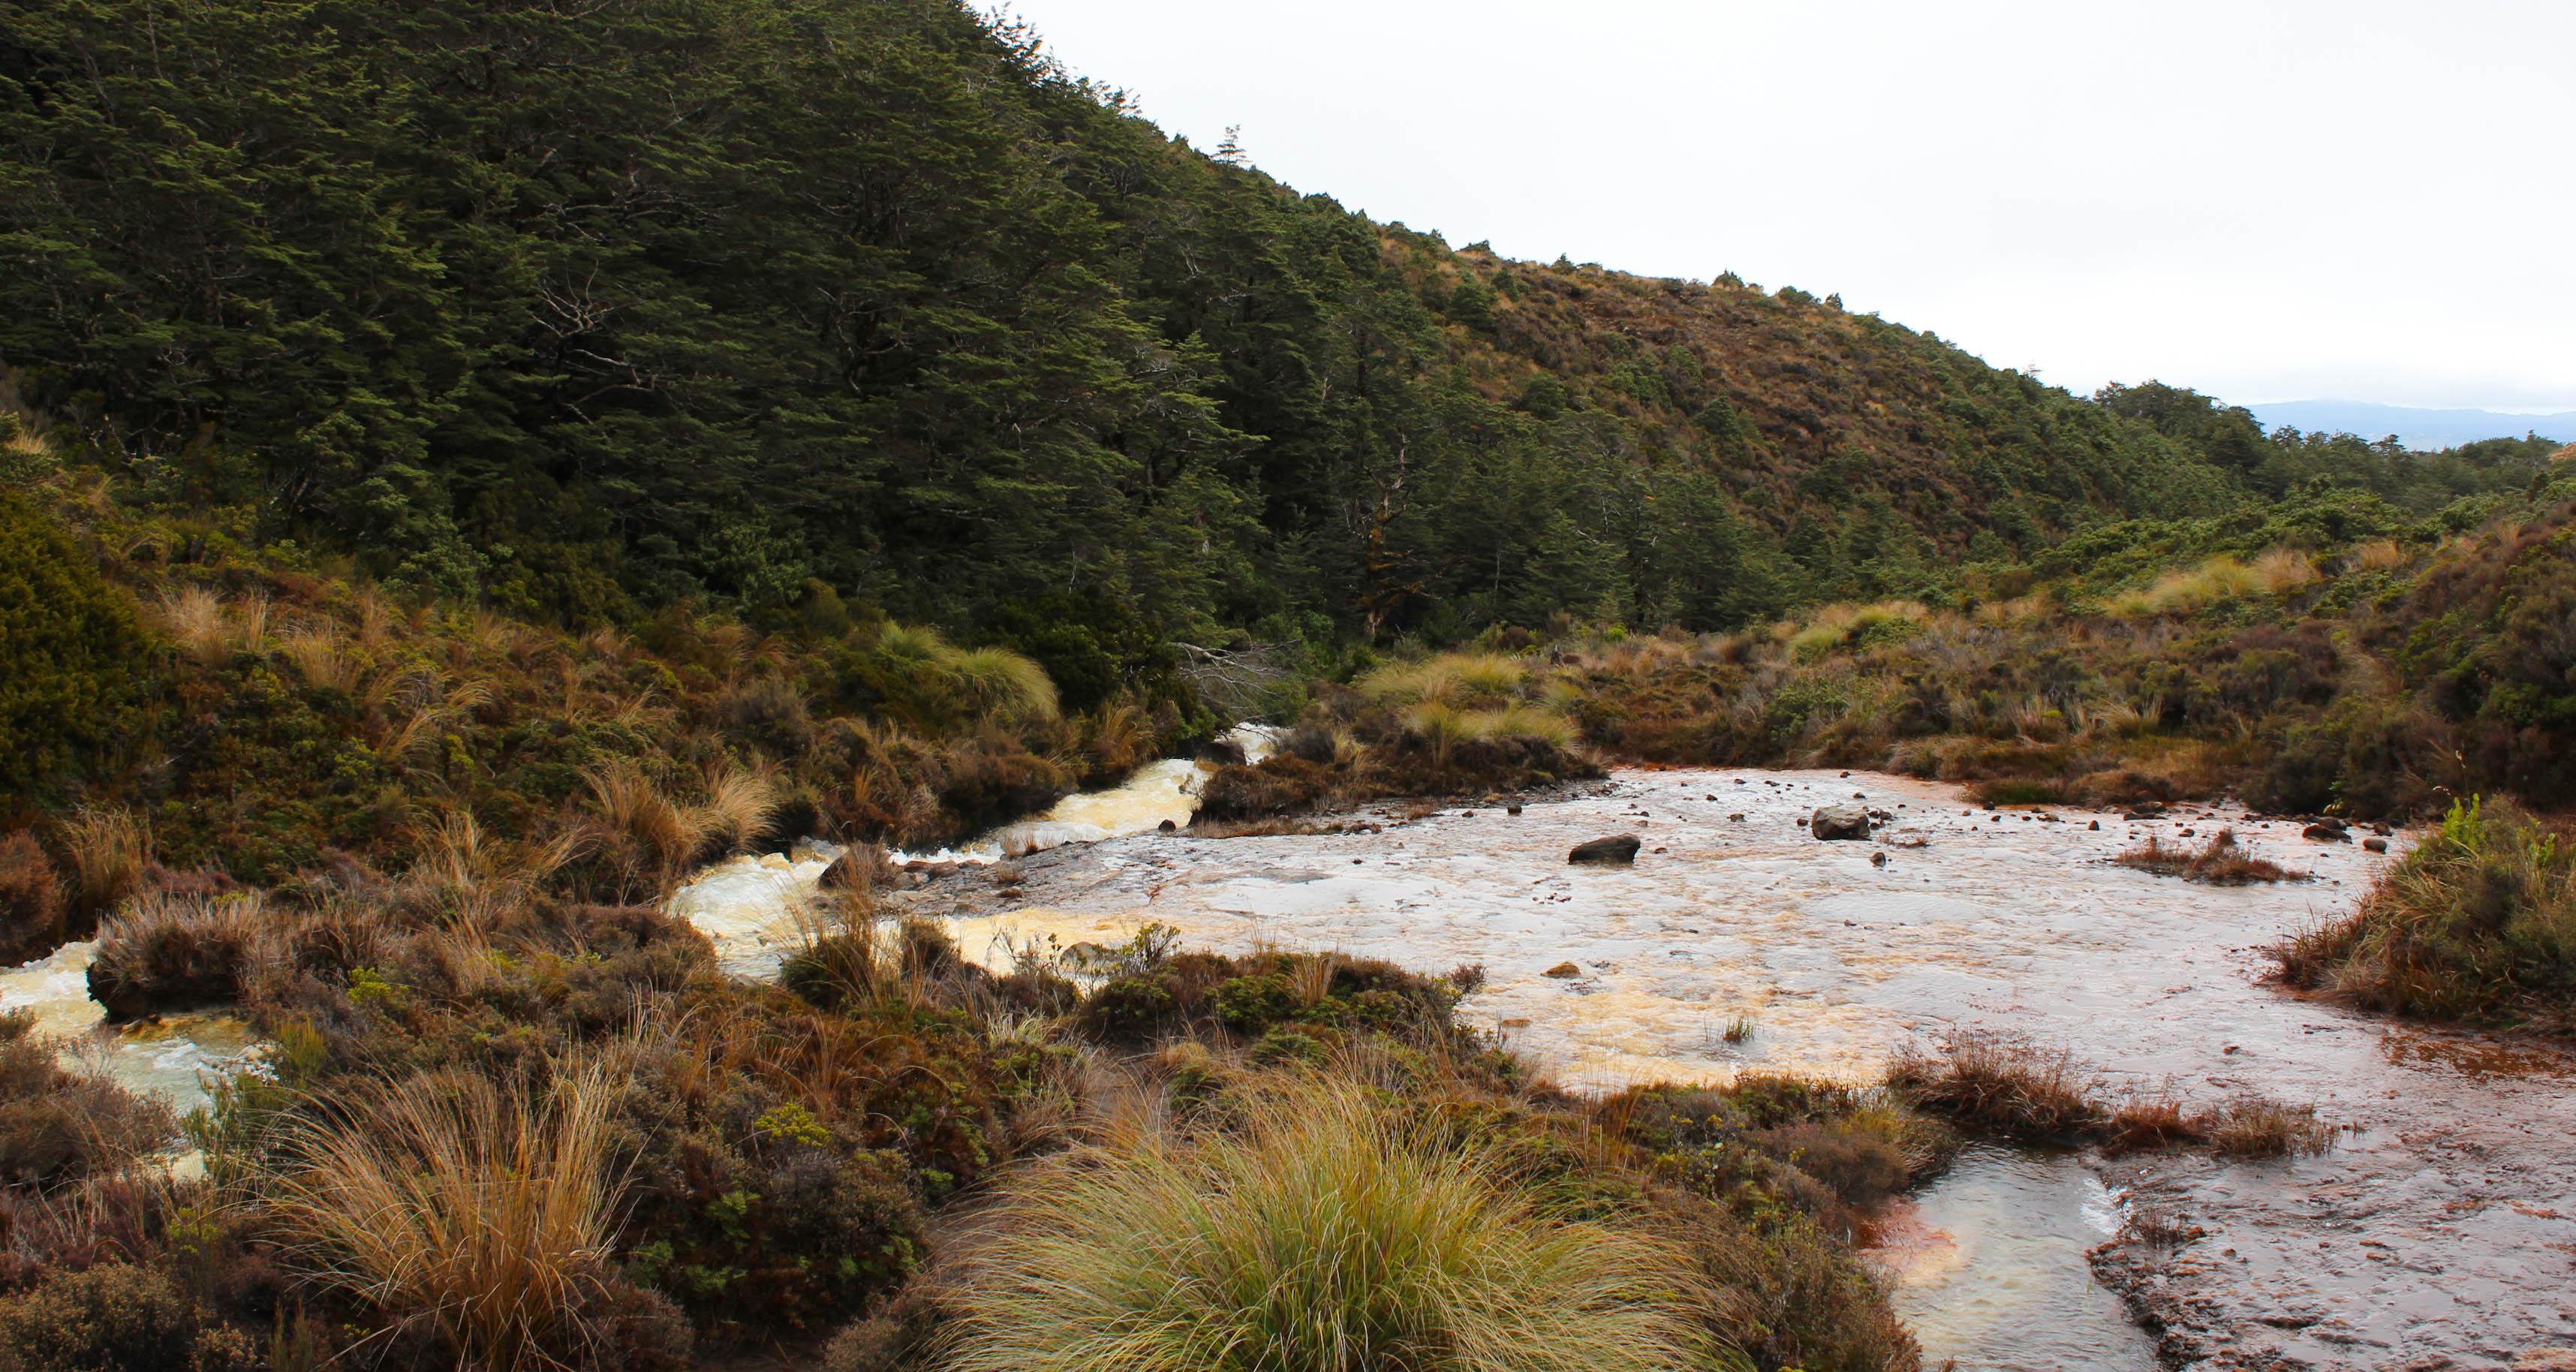 Nouvelle Zélande - Tongariri national parc - Les lubies de louise (10 sur 25)